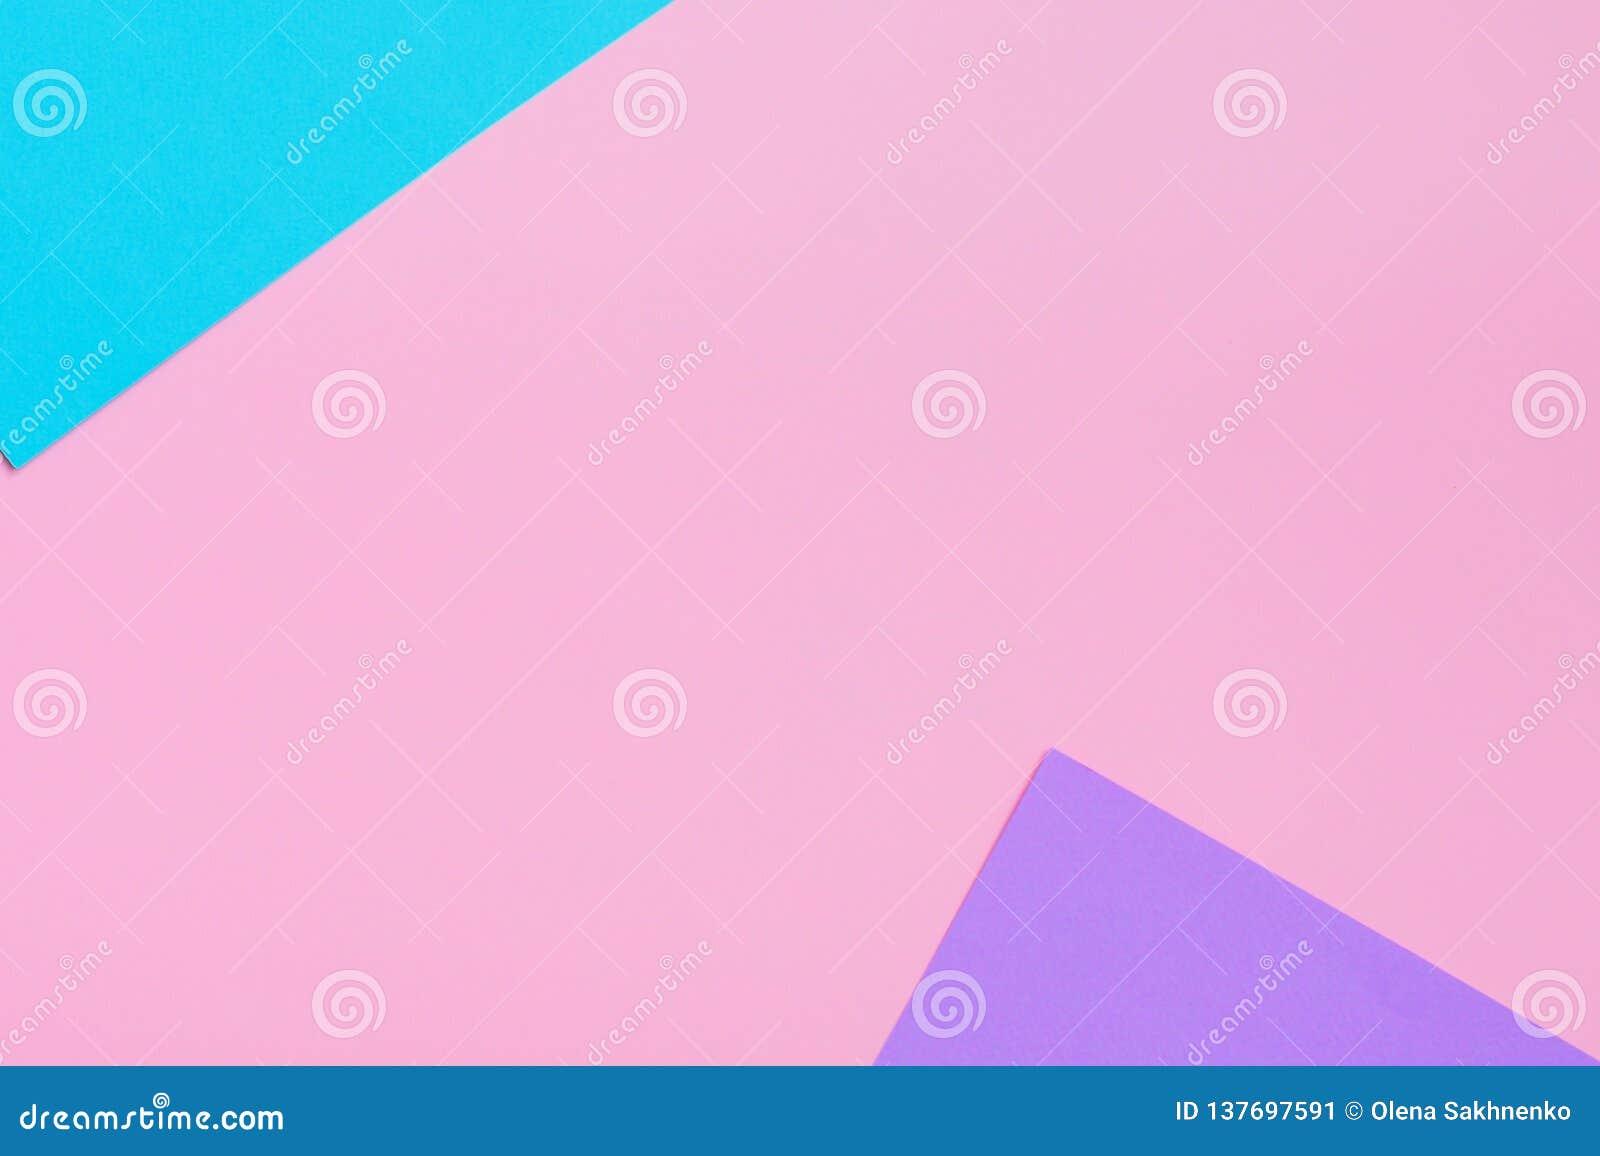 Fondo suave del rosa, azul y púrpura Textura colorida Endecha plana Concepto mínimo Concepto creativo